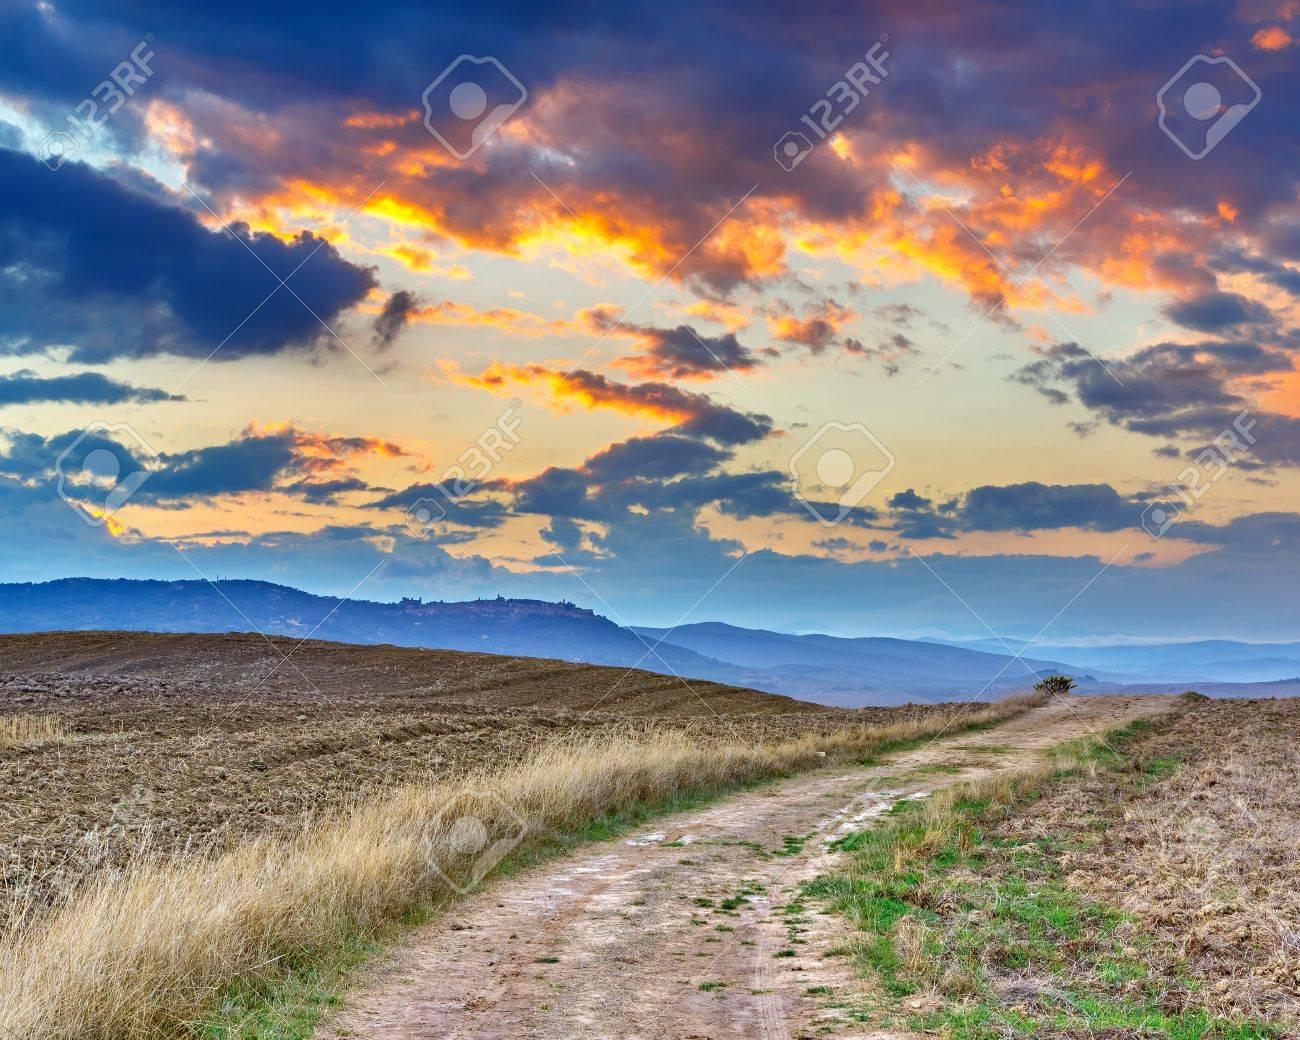 Toskanische Landschaft Am Sonnenuntergang, Italien Lizenzfreies ...